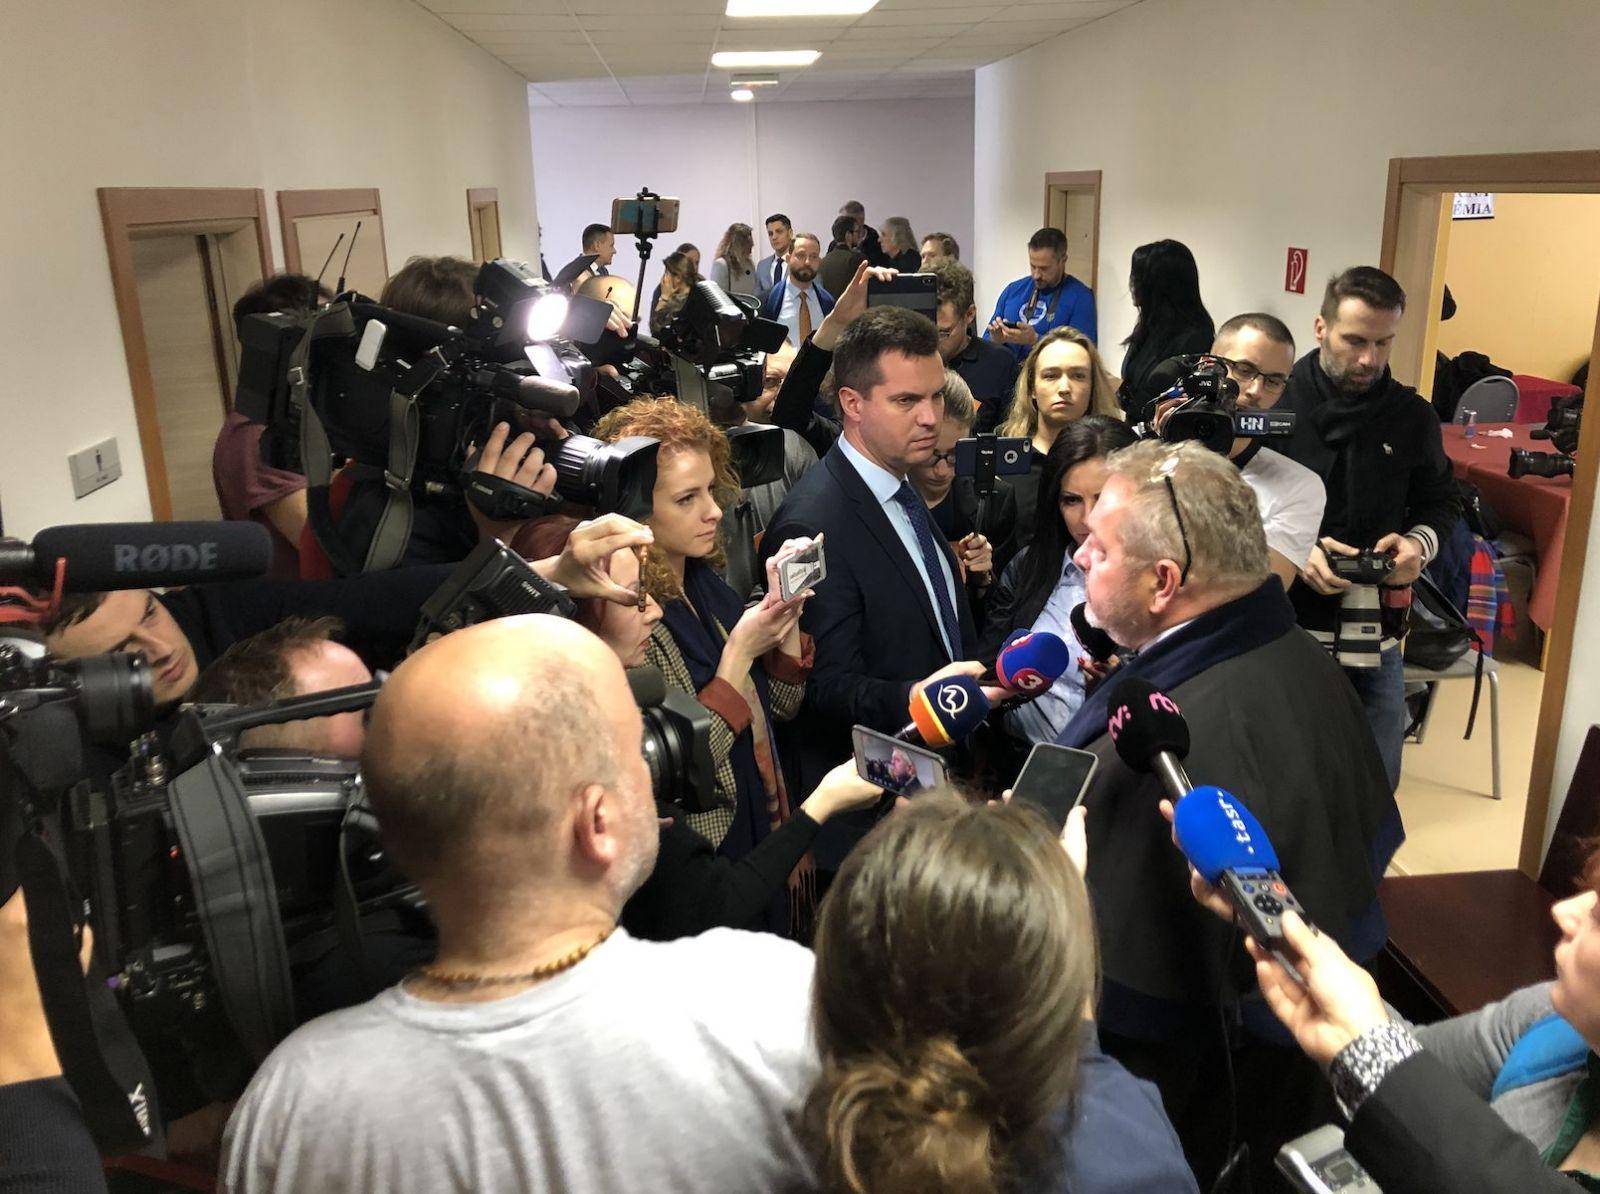 Najväčší súdny proces v histórii SR: Marček sa priznal k vražde Jána Kuciaka a Martiny Kušnírovej, ostatní vinu popierajú